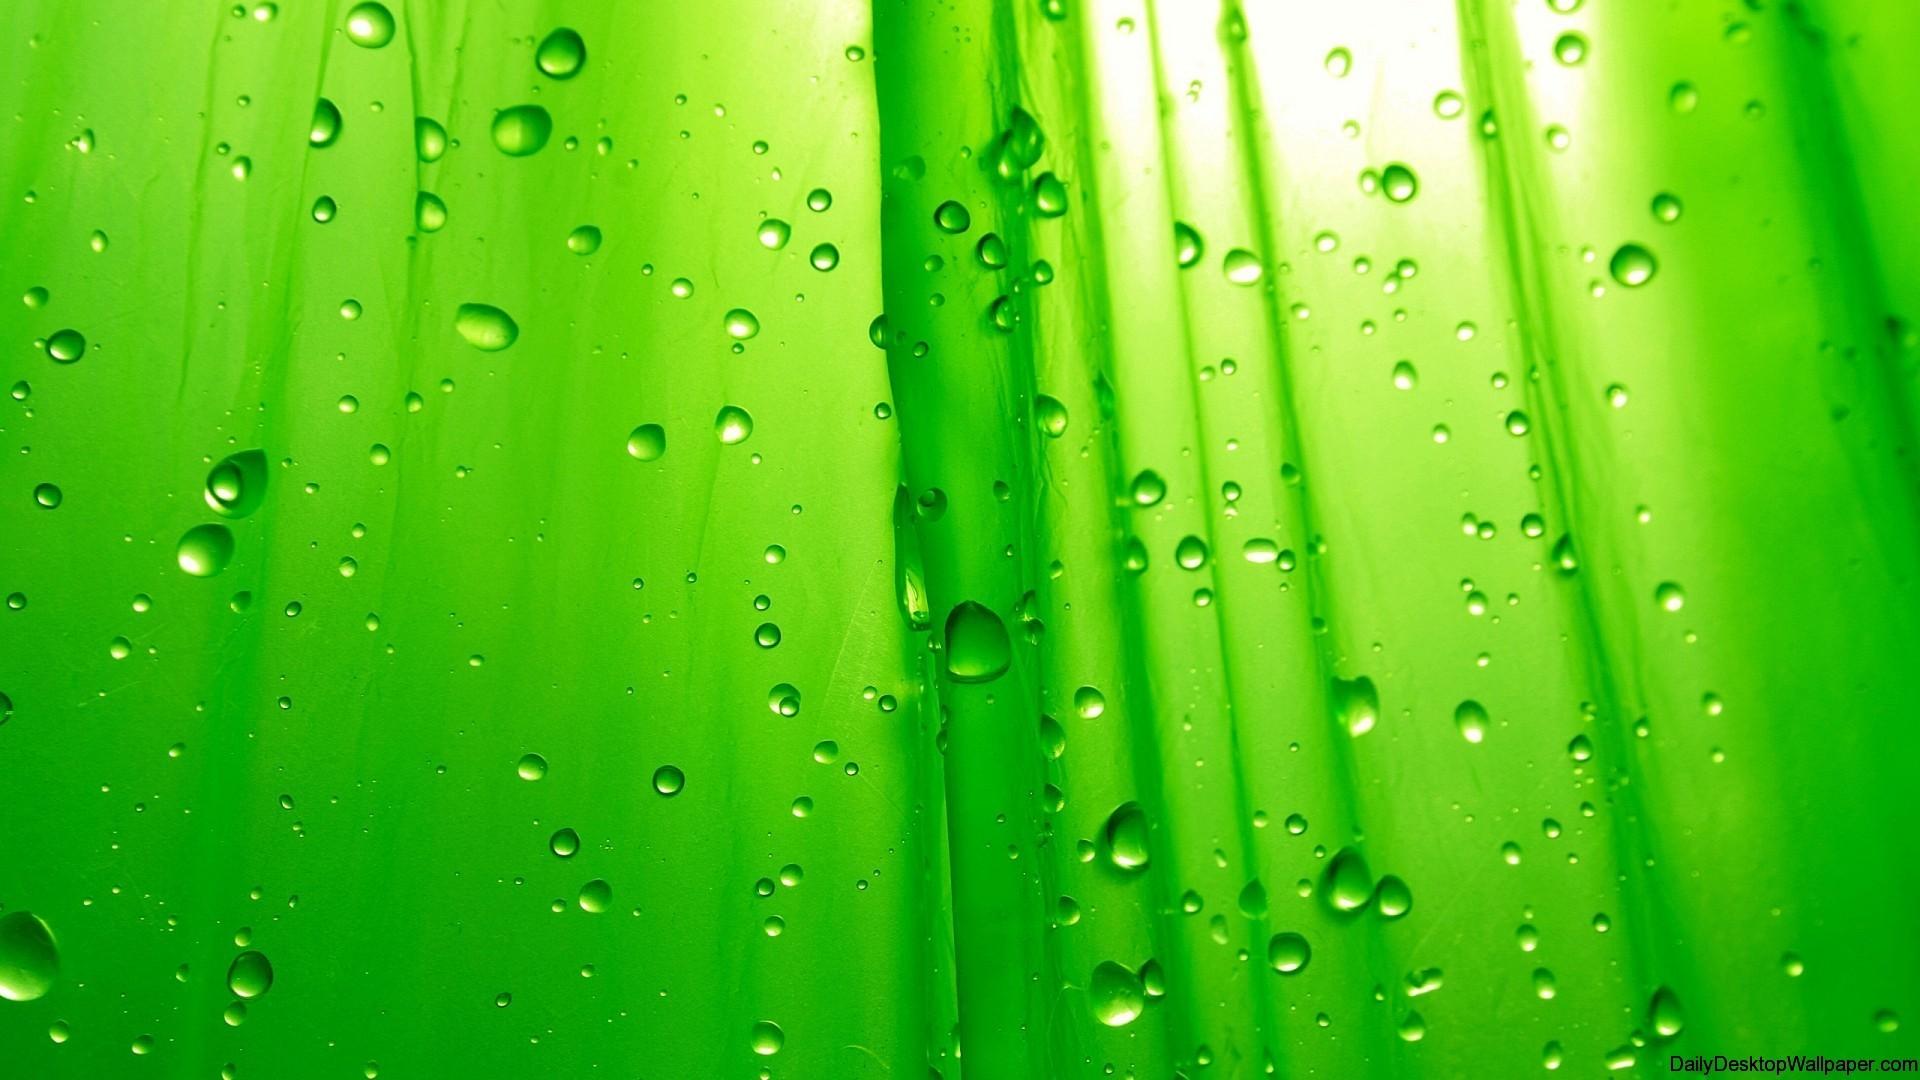 Res: 1920x1080, Green Raindrop Wallpaper